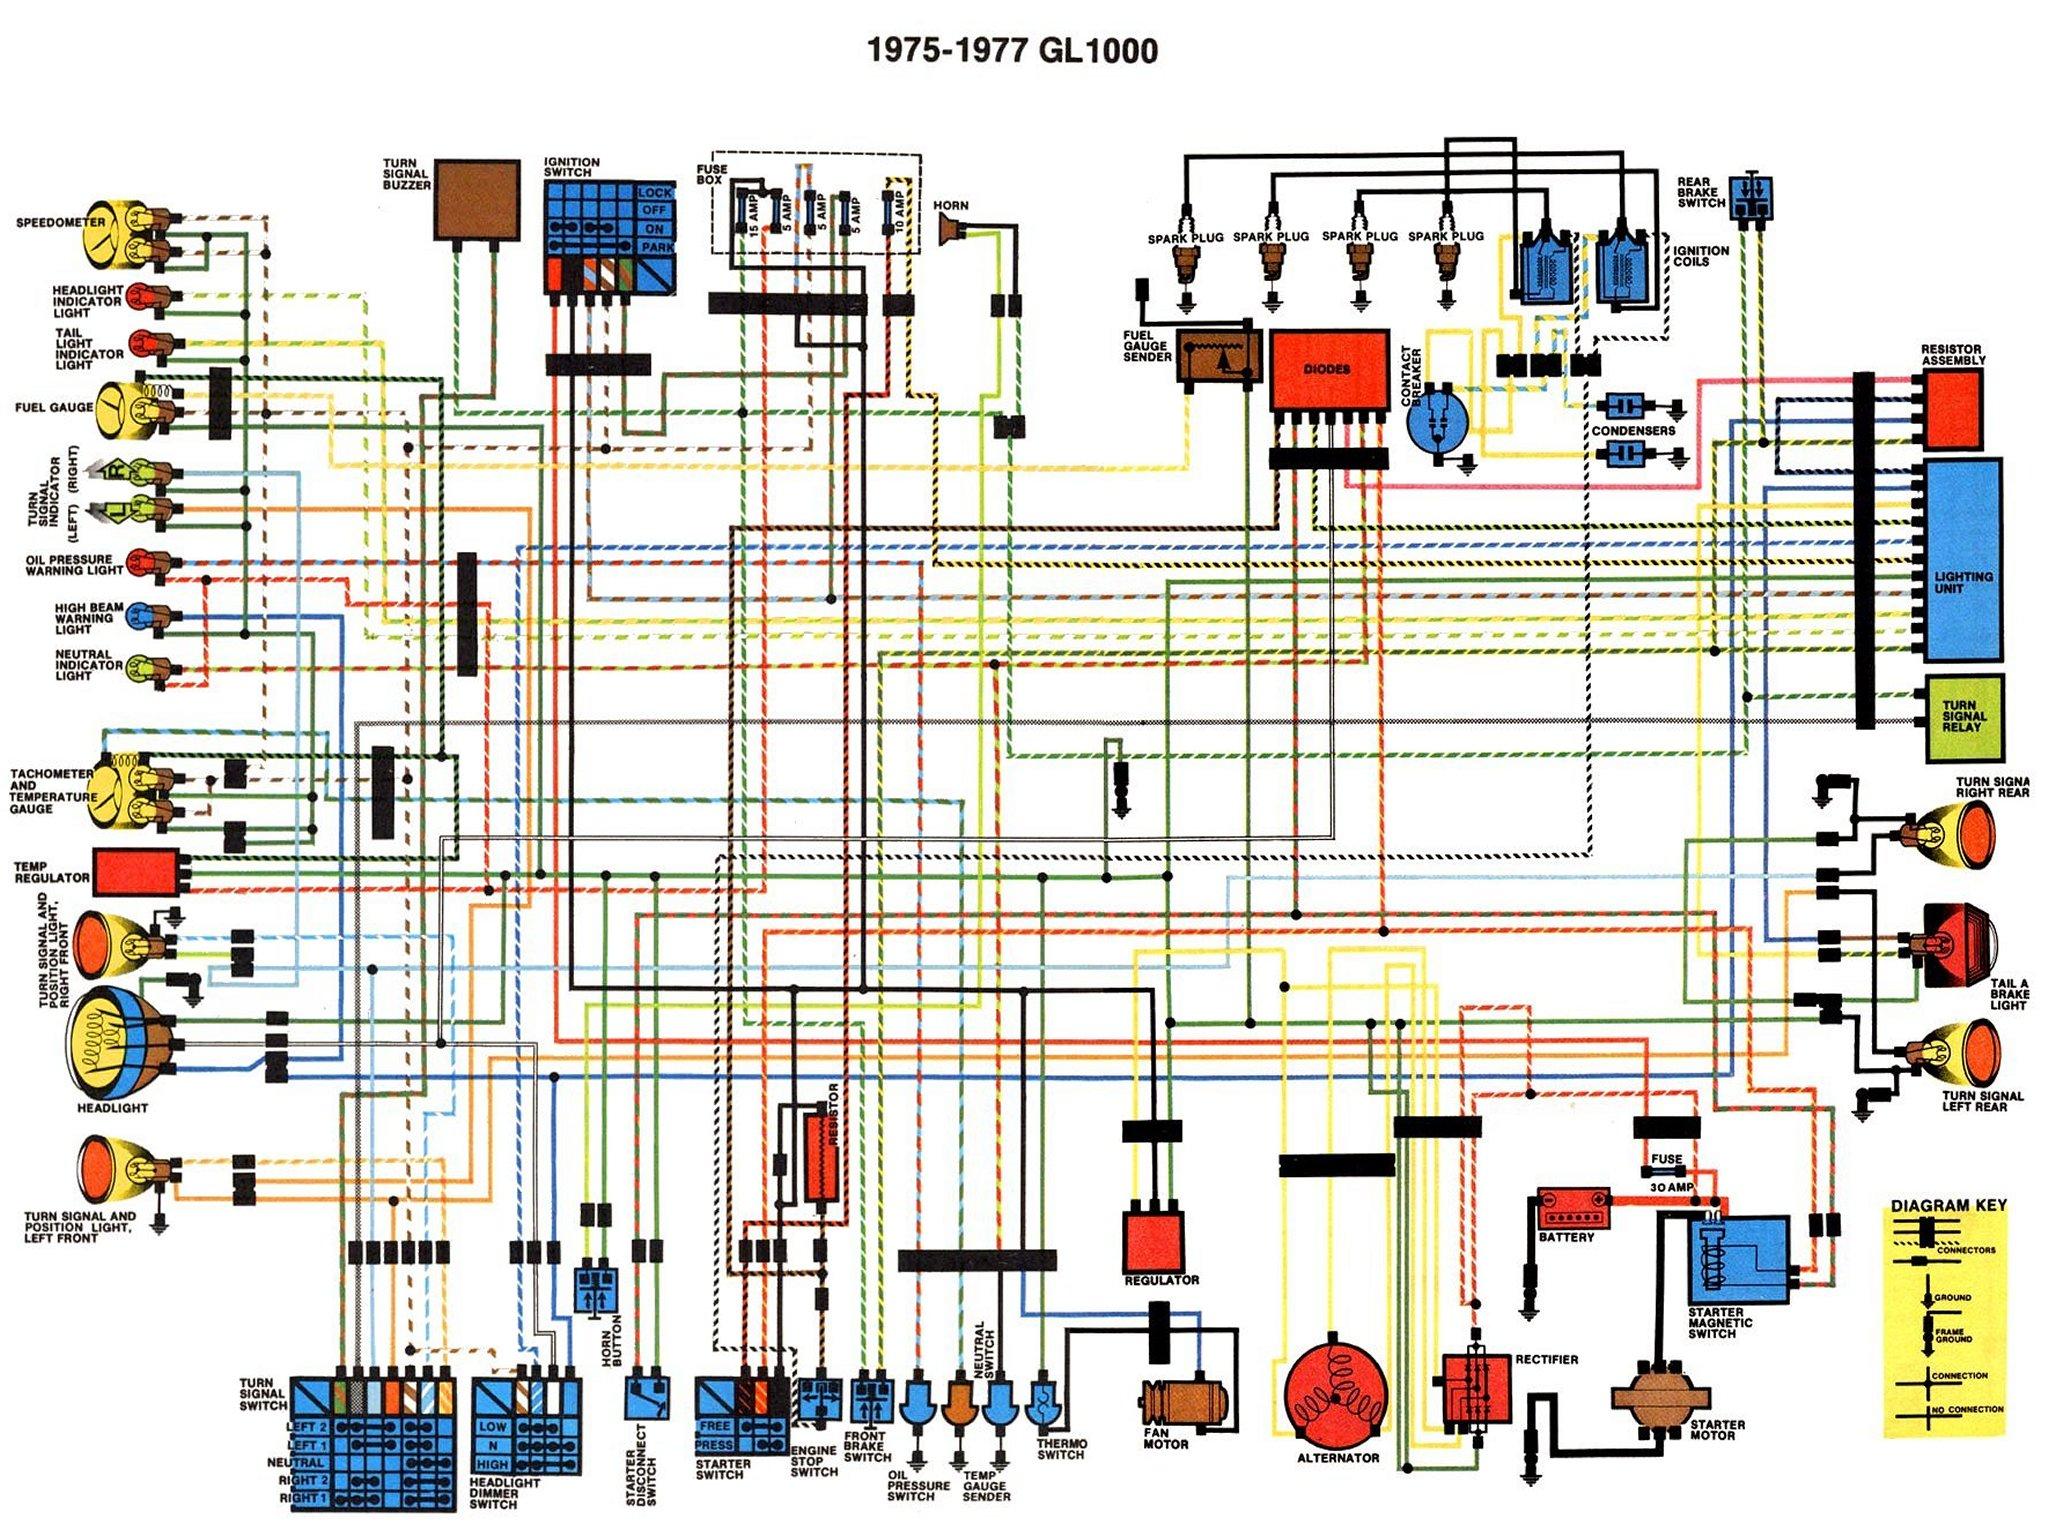 Glamorous Panhead Wiring Schematic Ideas - Best Image Wire - binvm.us